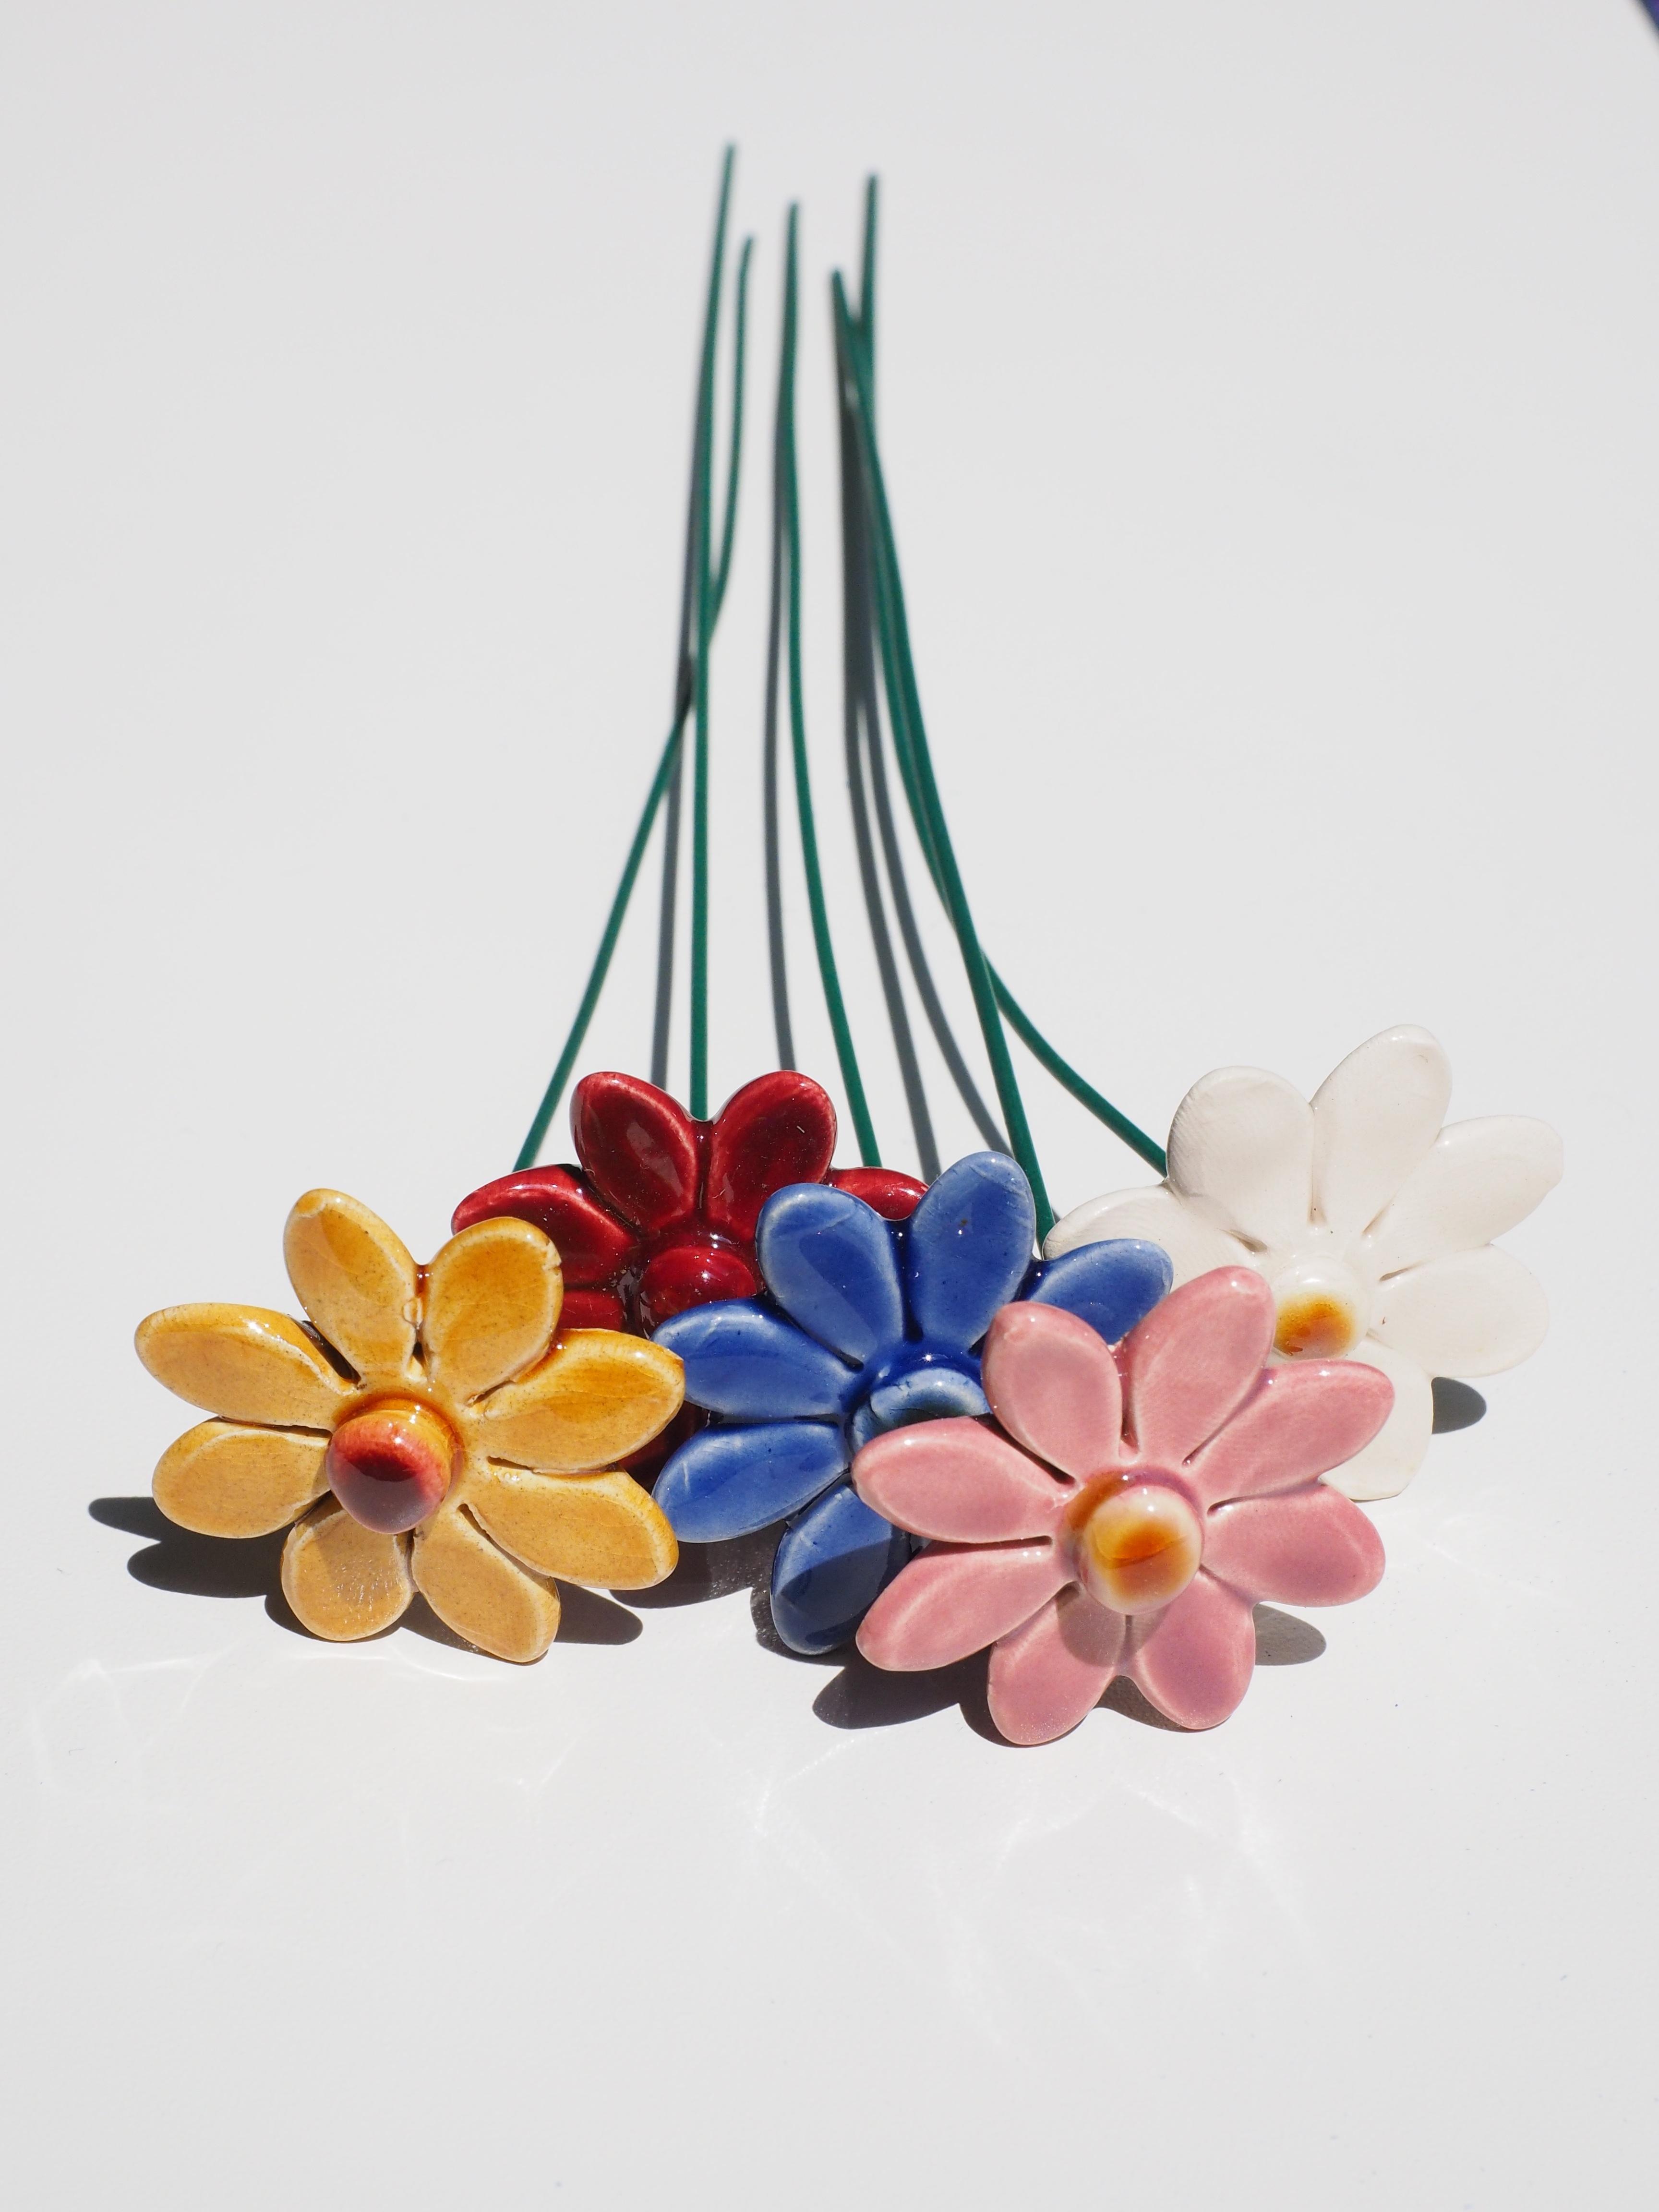 Gambar Ilustrasi Bunga Bunga Iluszi